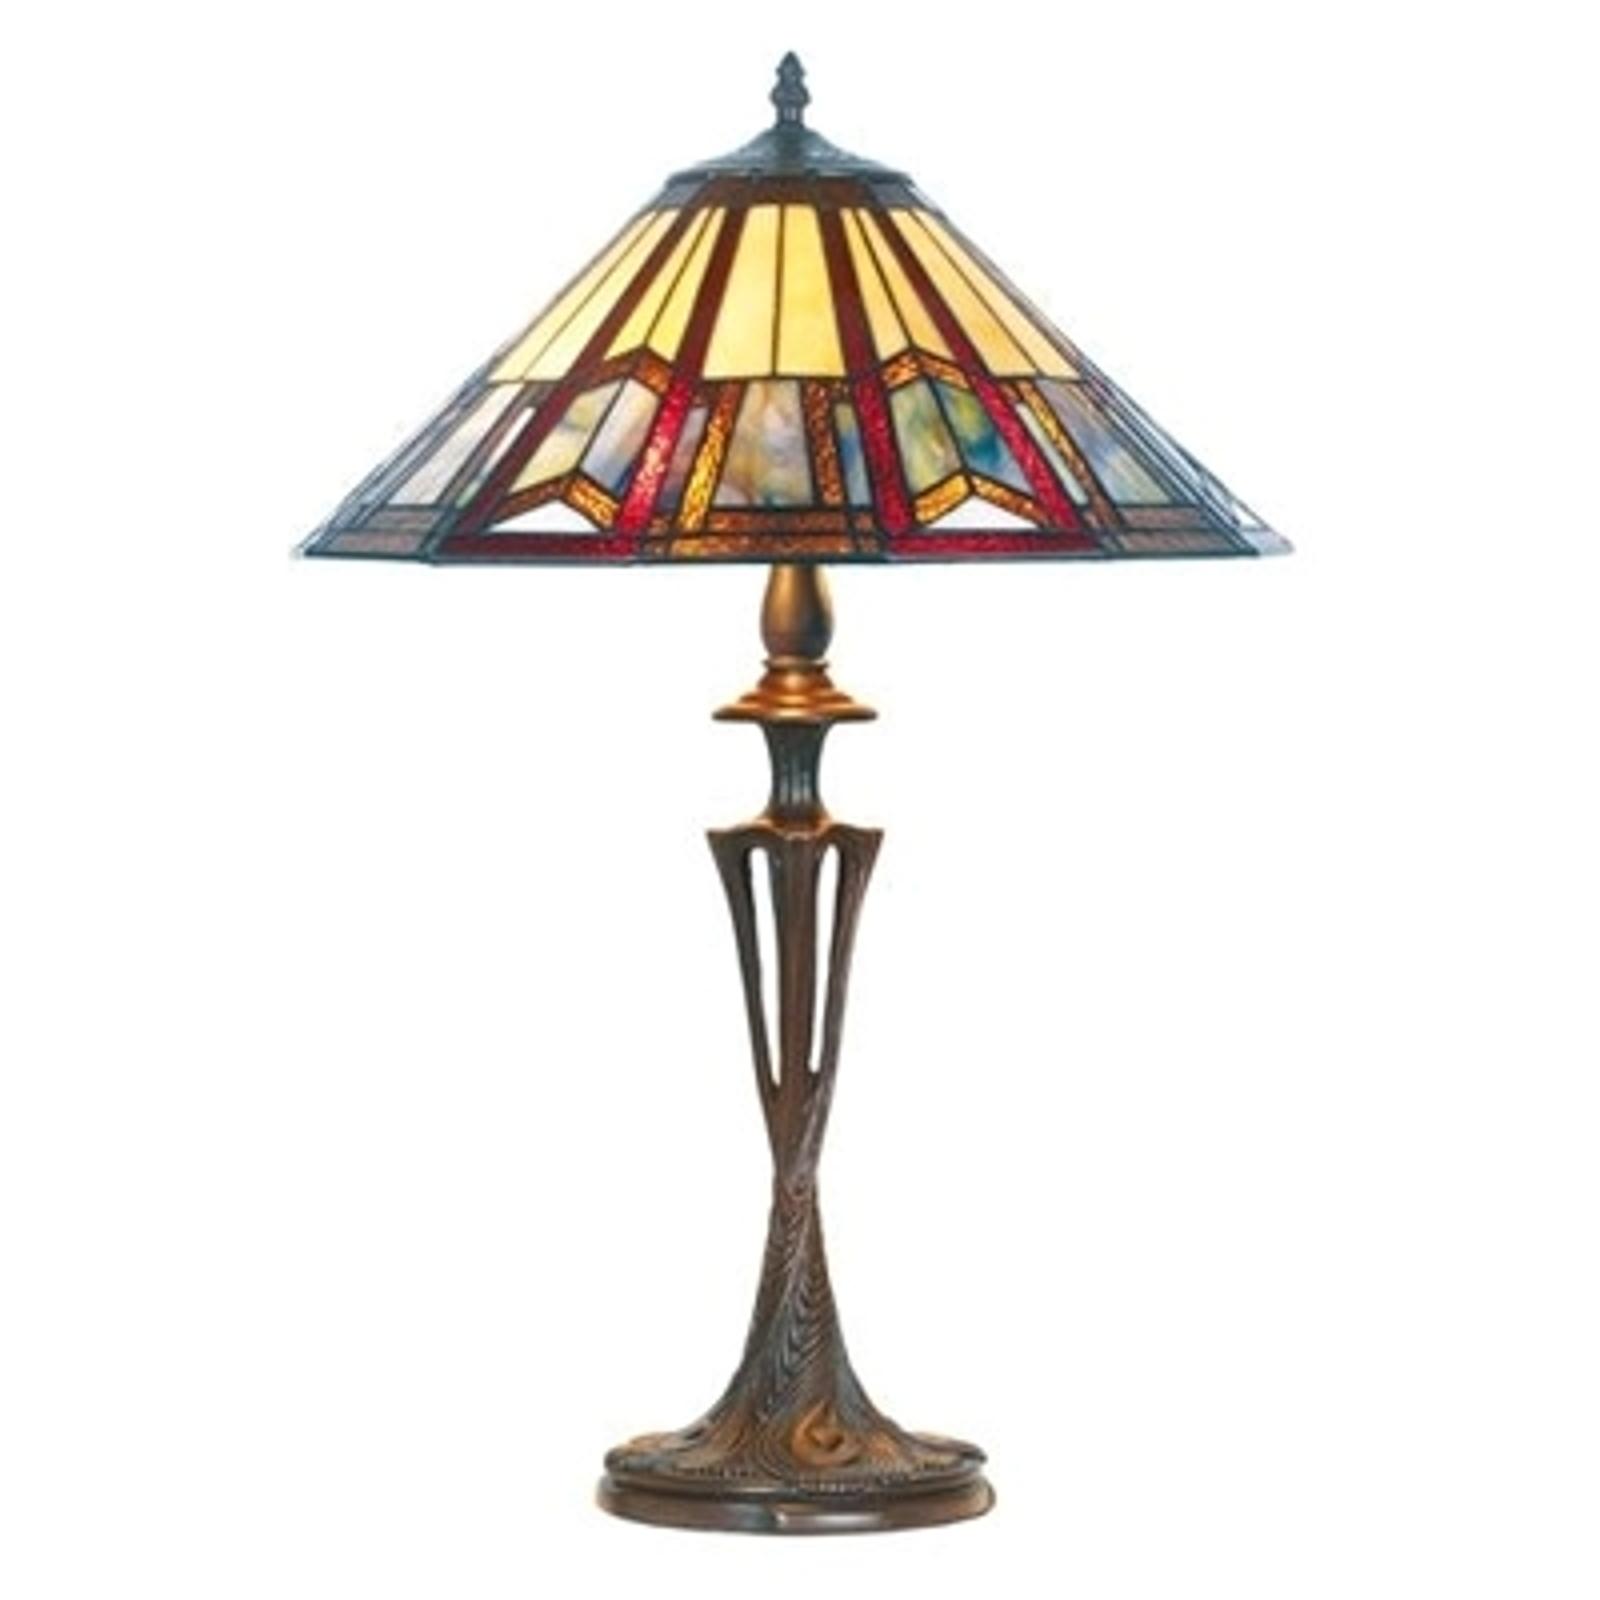 Lampa stołowa Lillie w stylu Tiffany